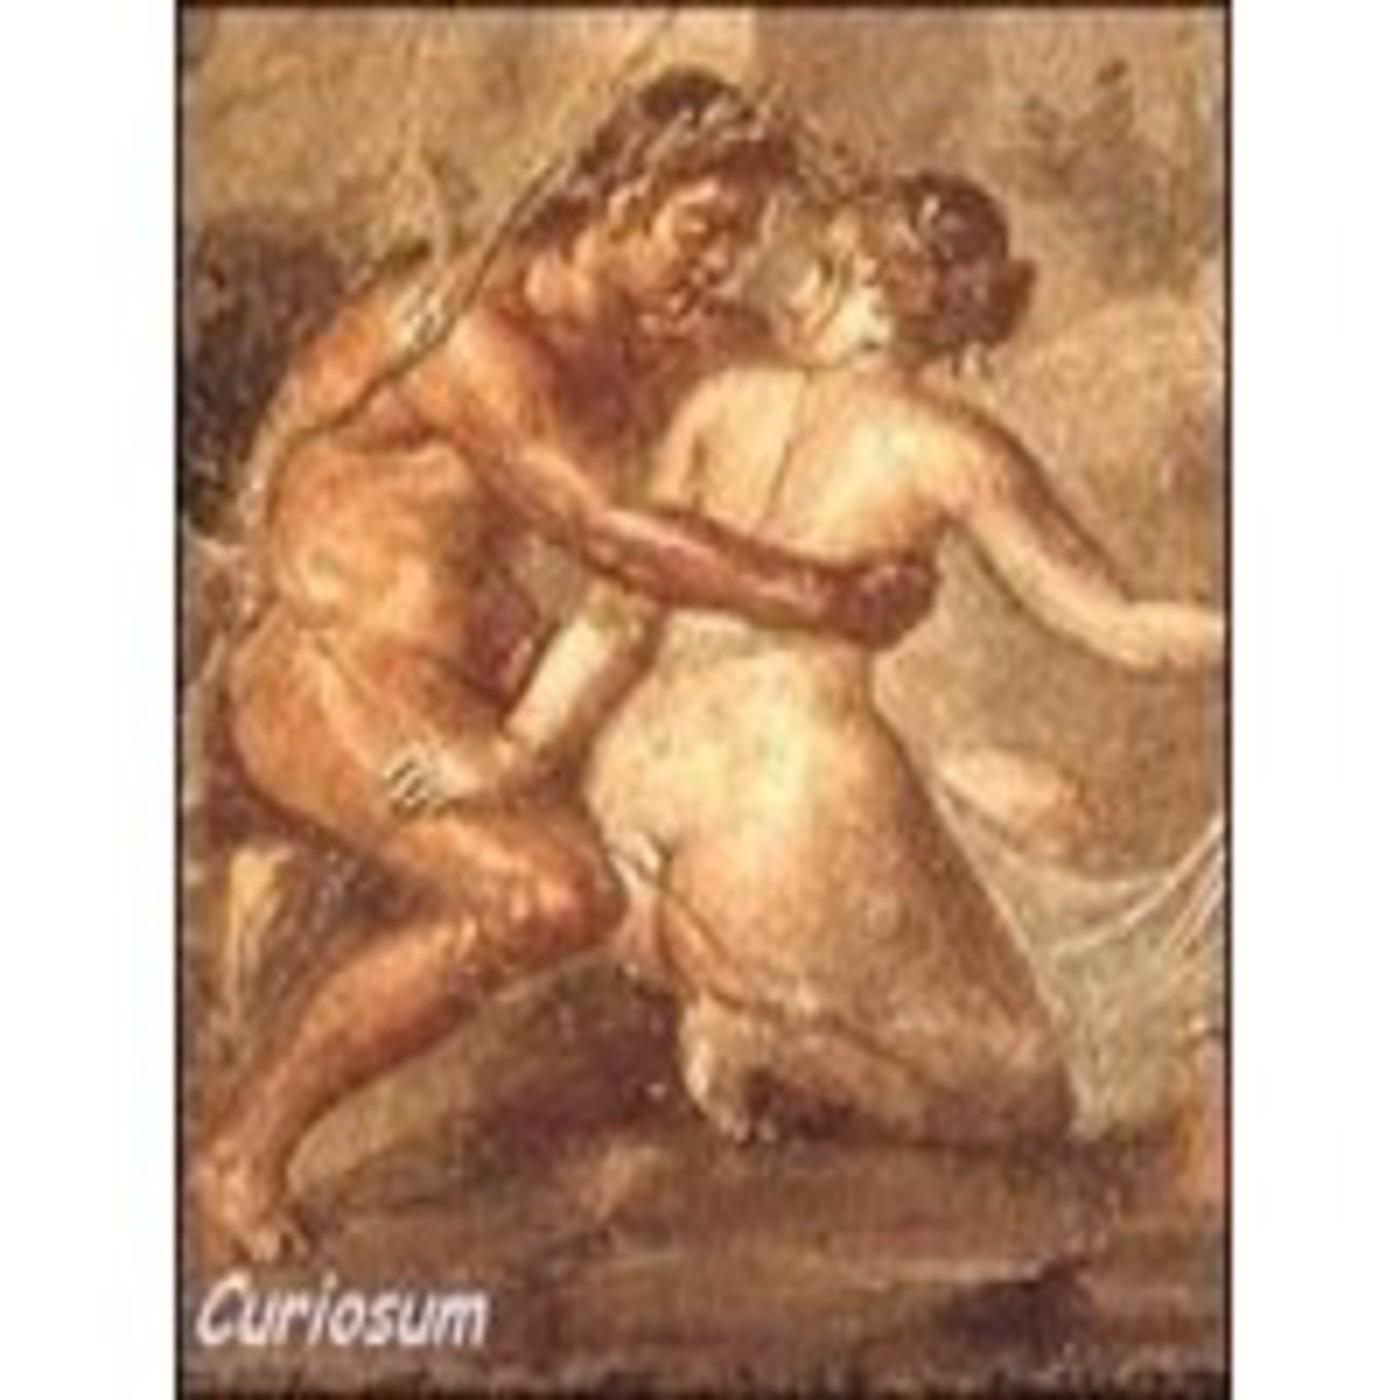 Relatos Erticos: Historias de sexo y cuentos porno gratis